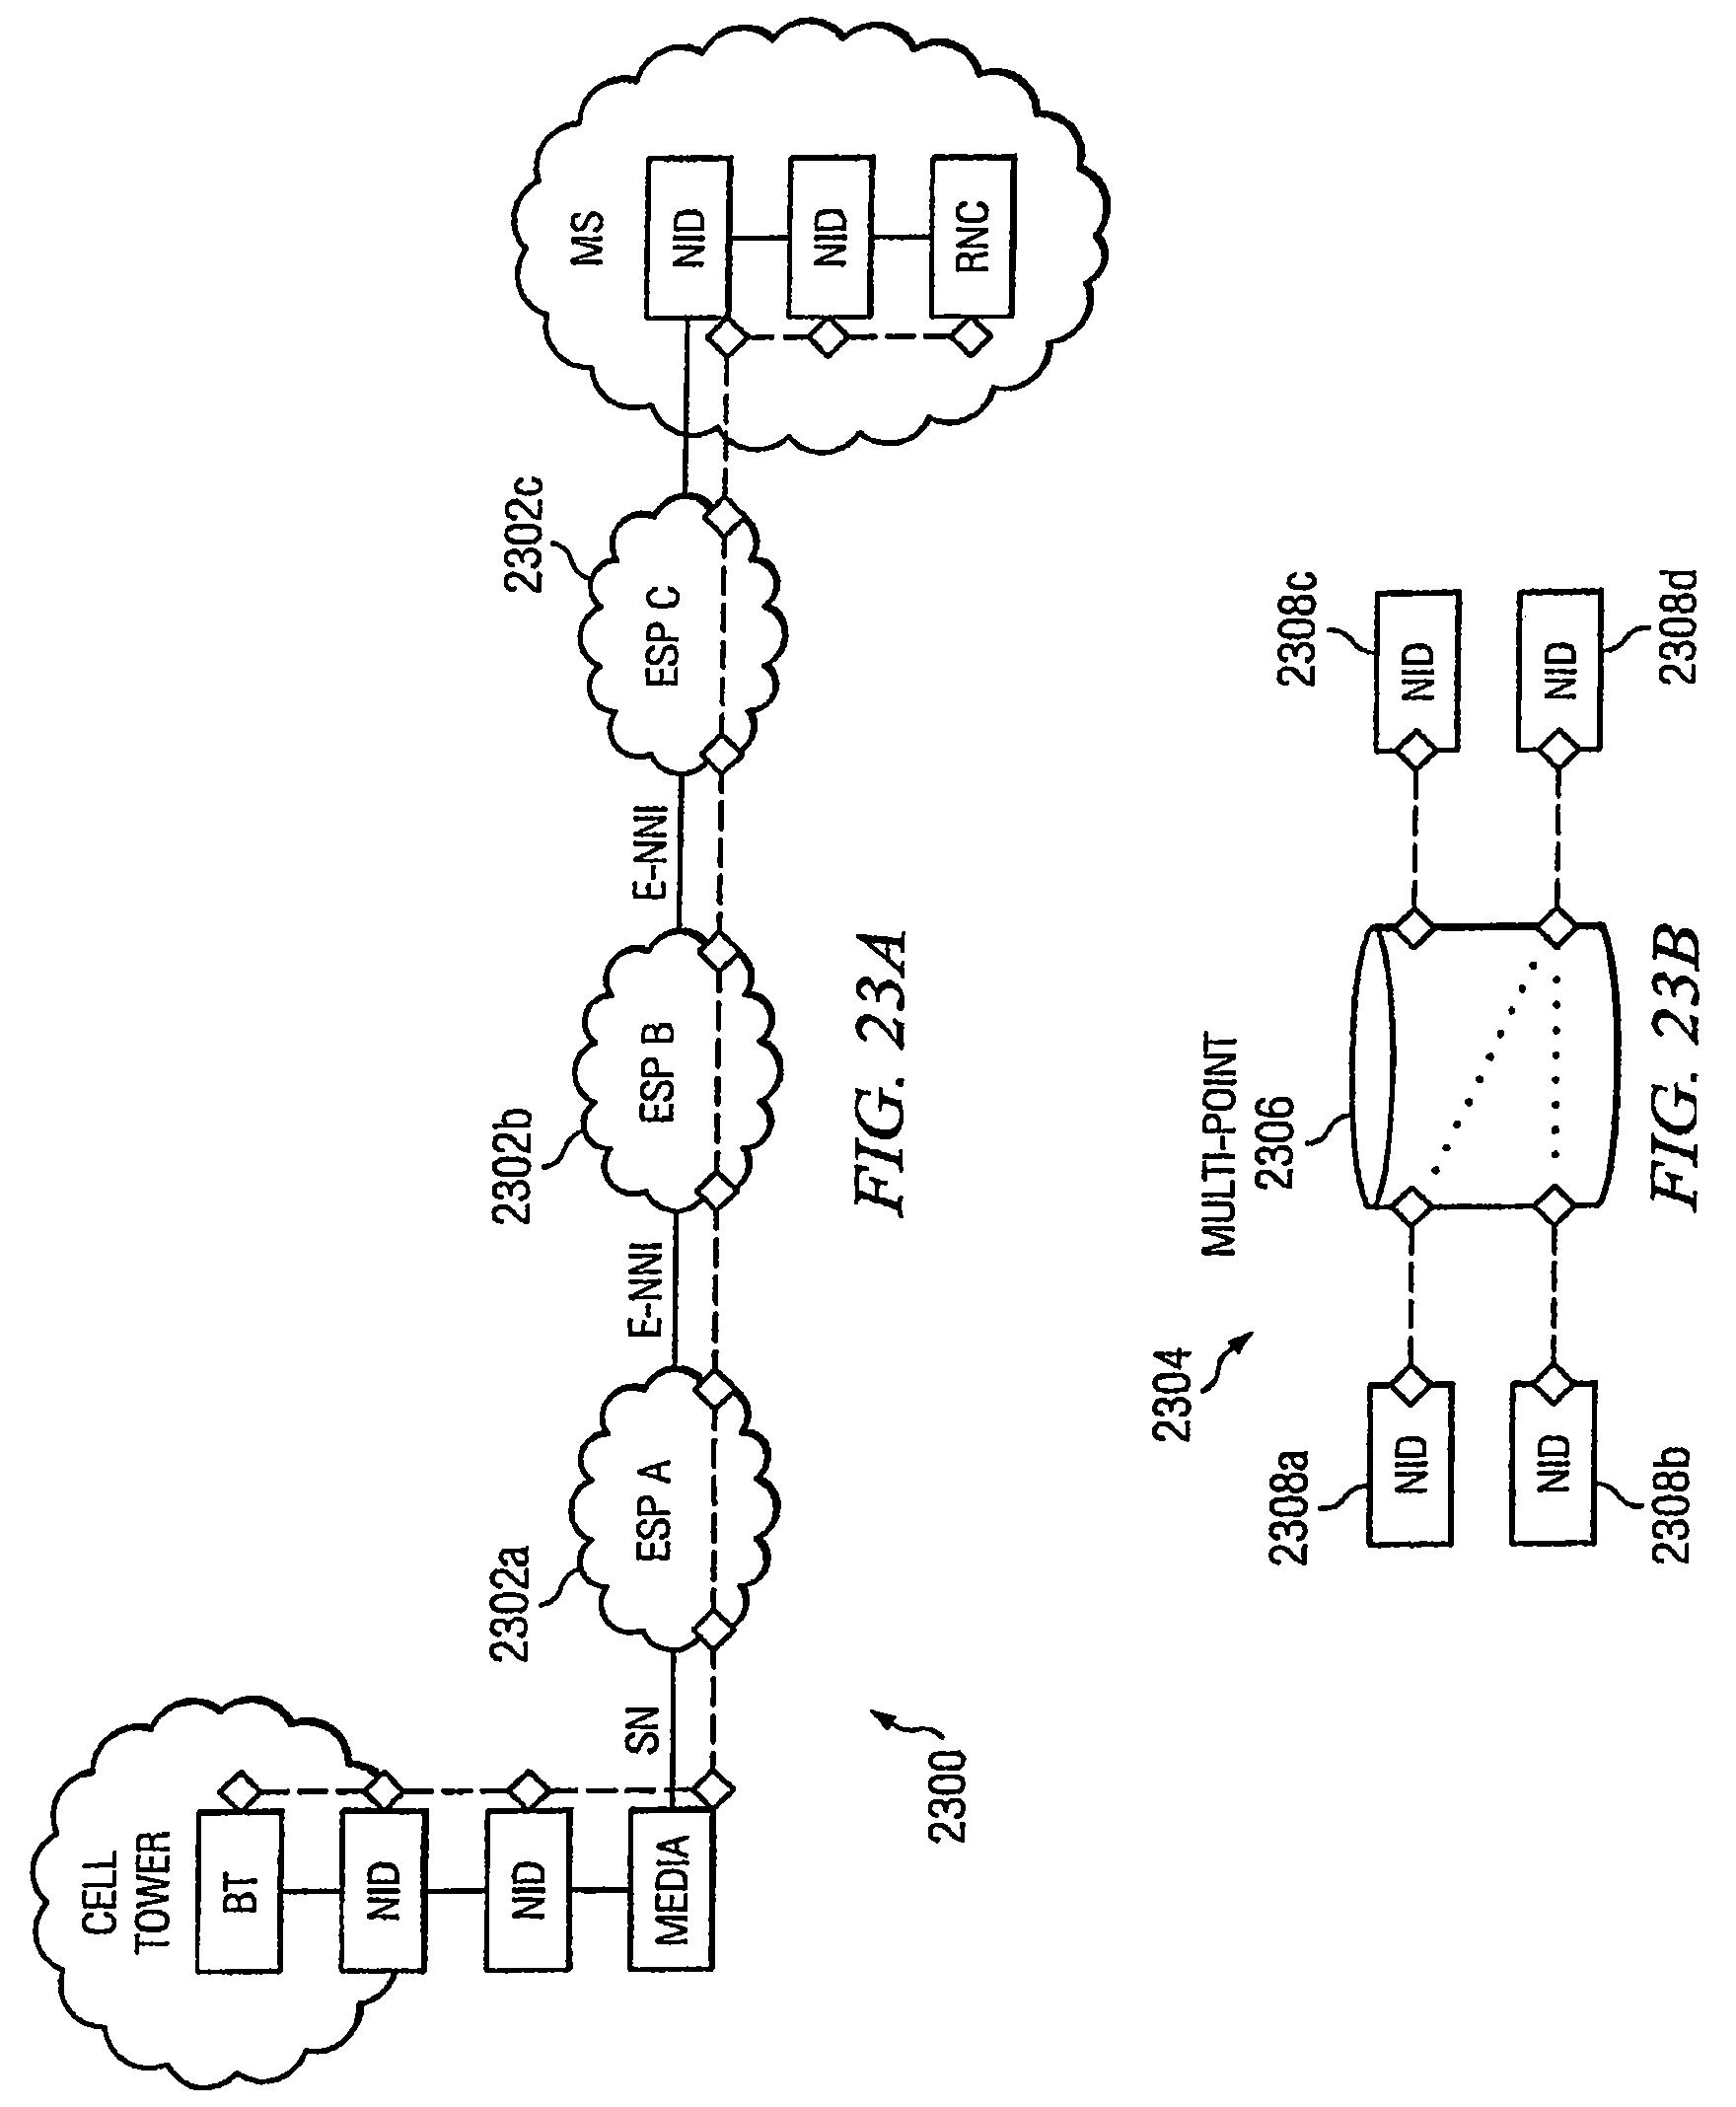 patent us 8 472 326 b2 Basic Diagram patent images